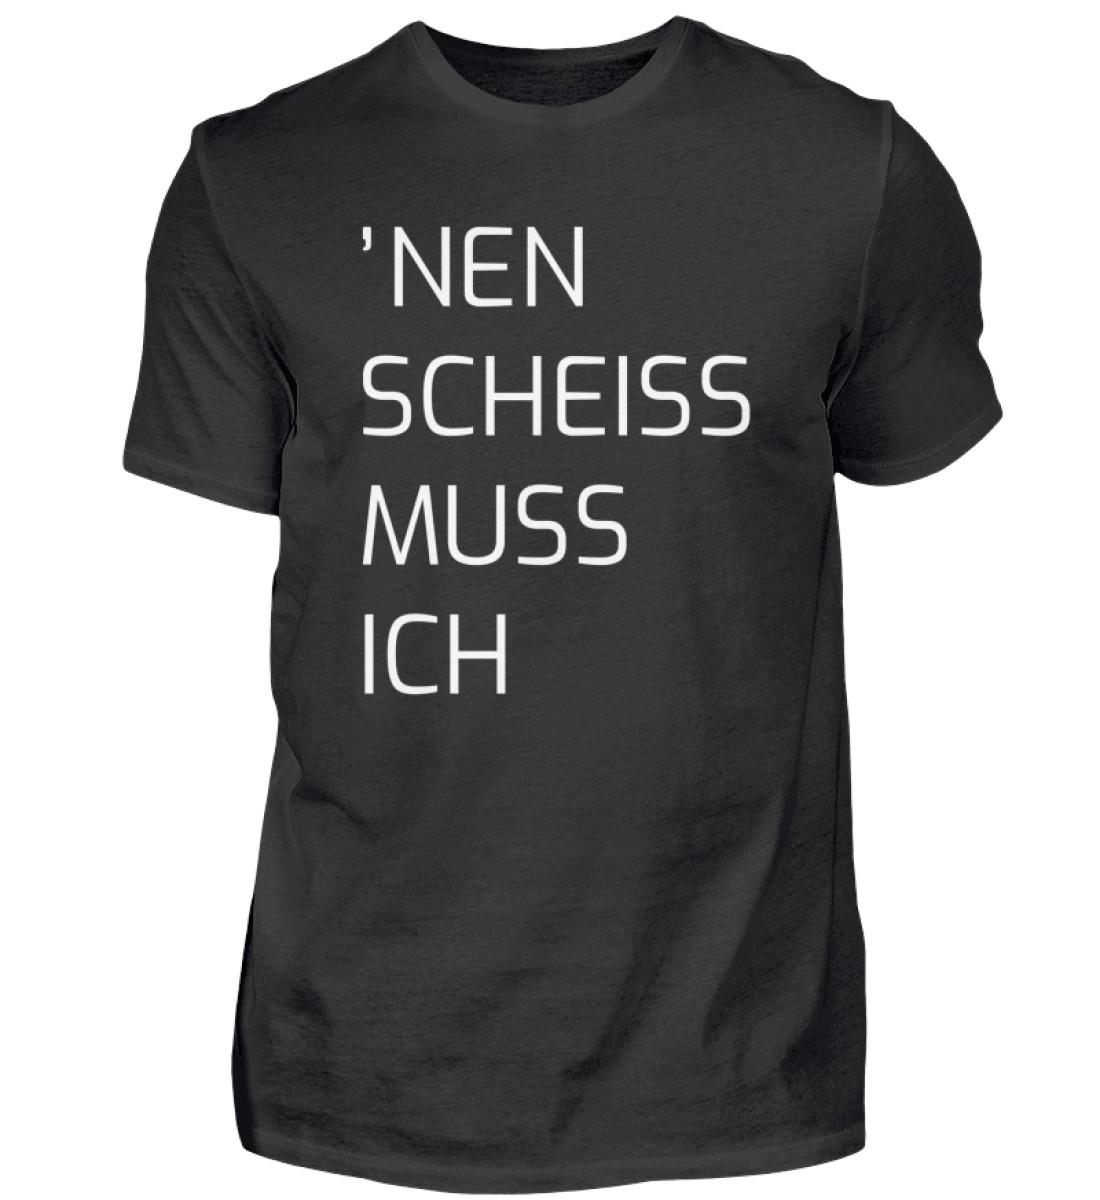 Nen Scheiss Muss Ich - Herren Shirt-16